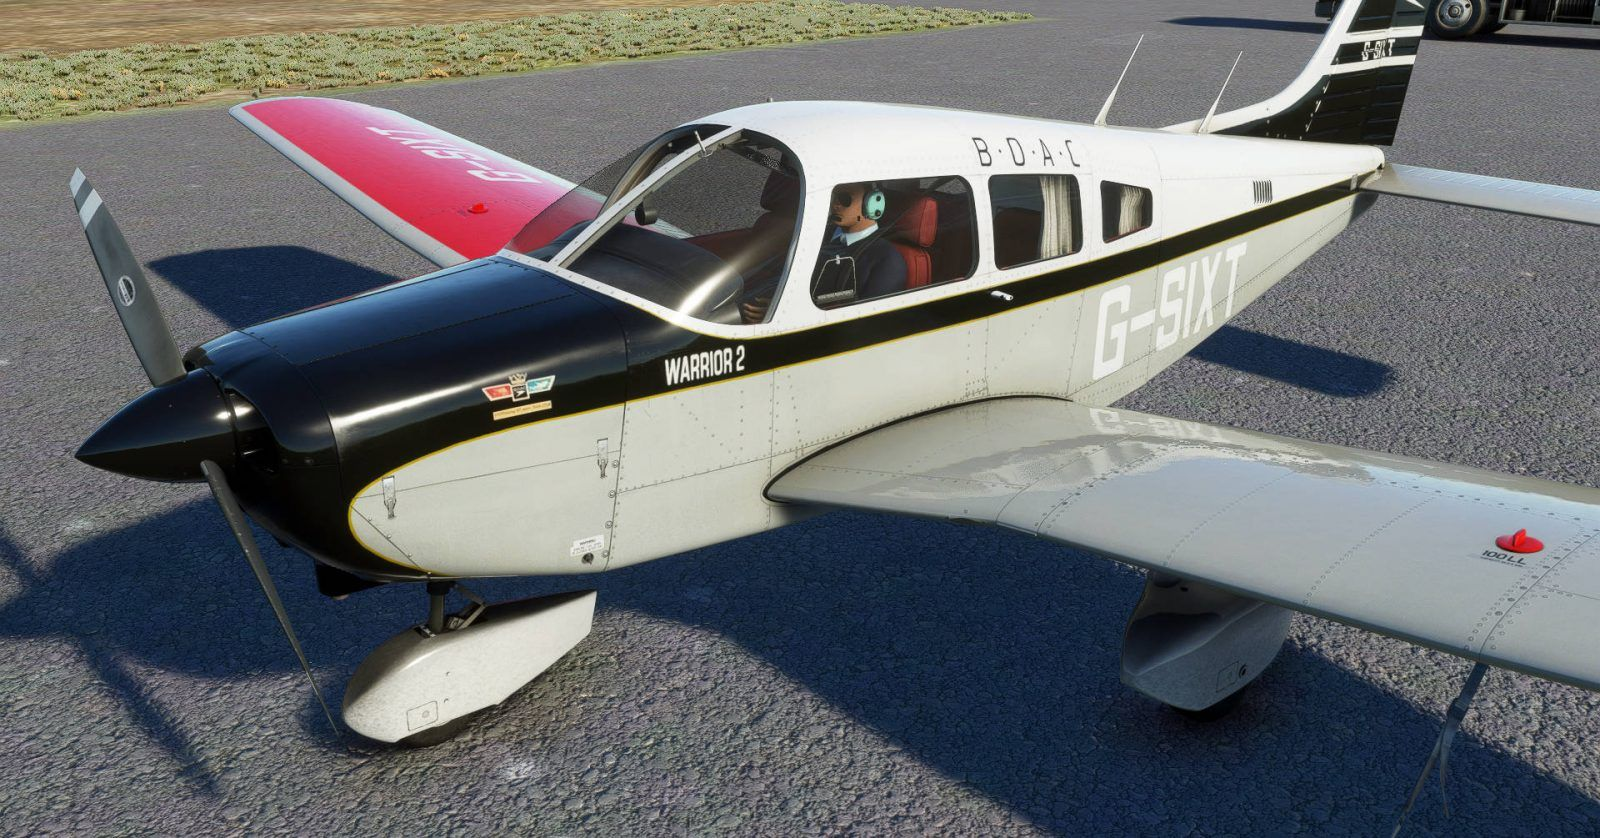 MSFS Piper PA-28-161 Warrior II